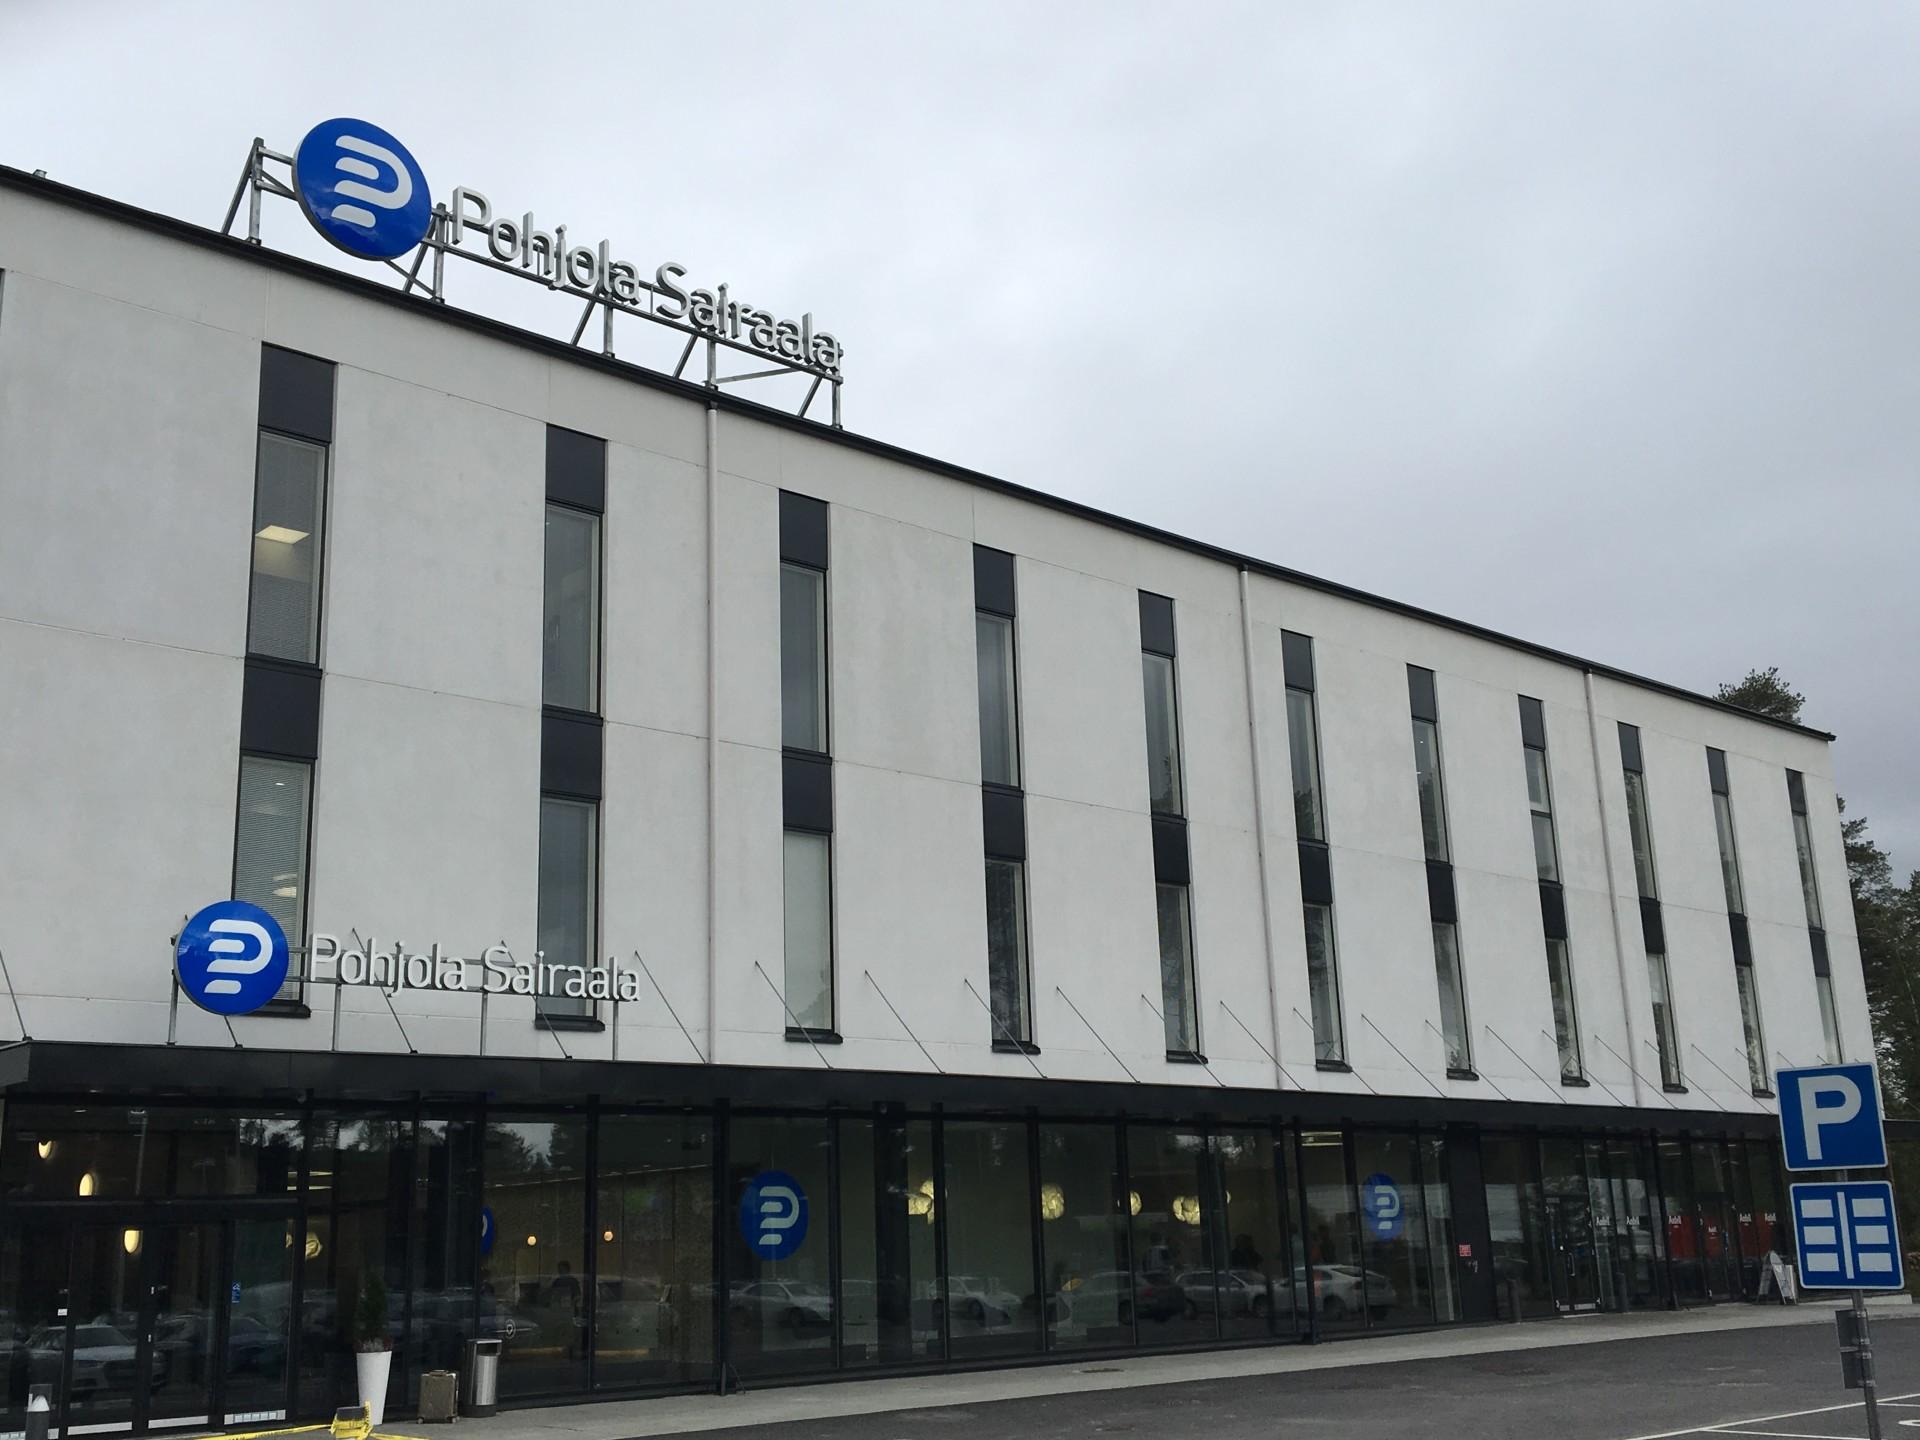 Op Pohjola Tampere